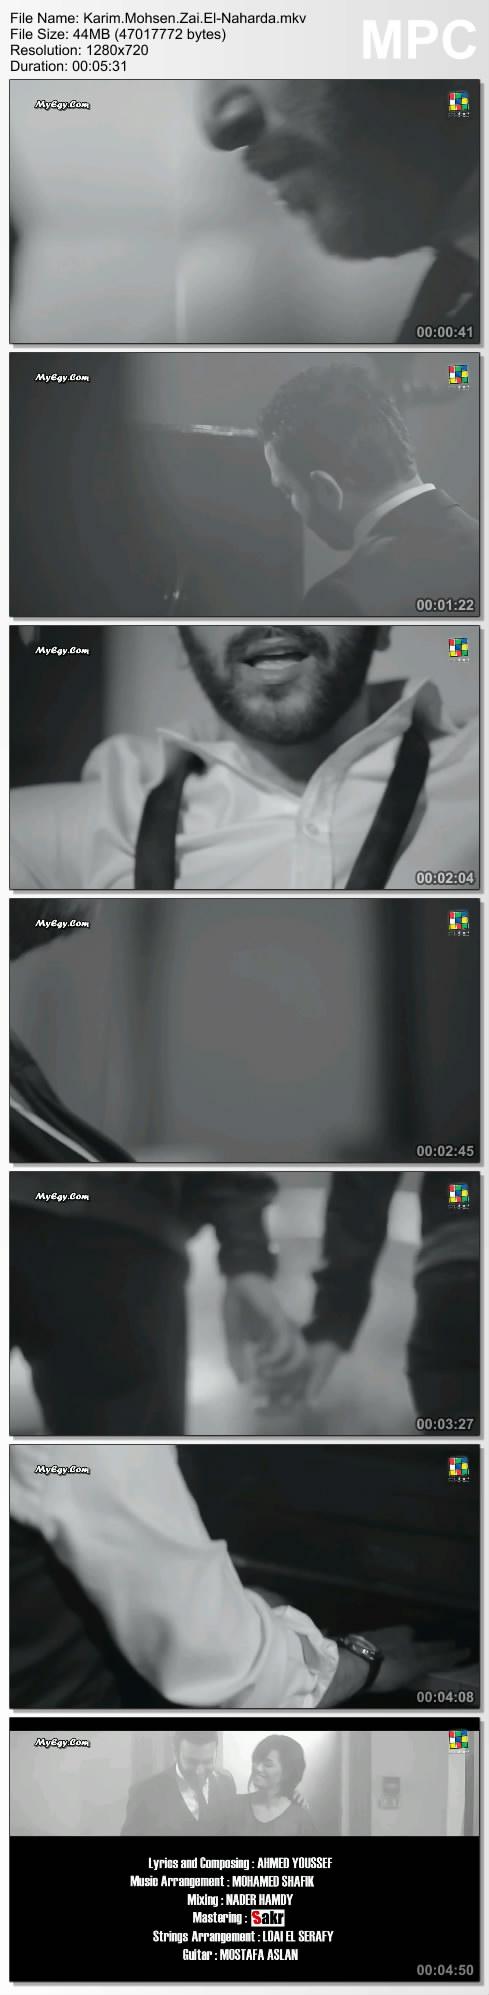 تحميل كليب و اغنية . كريم محسن . زي النهاردة . HDTV 720p . Master Q Thumbs12